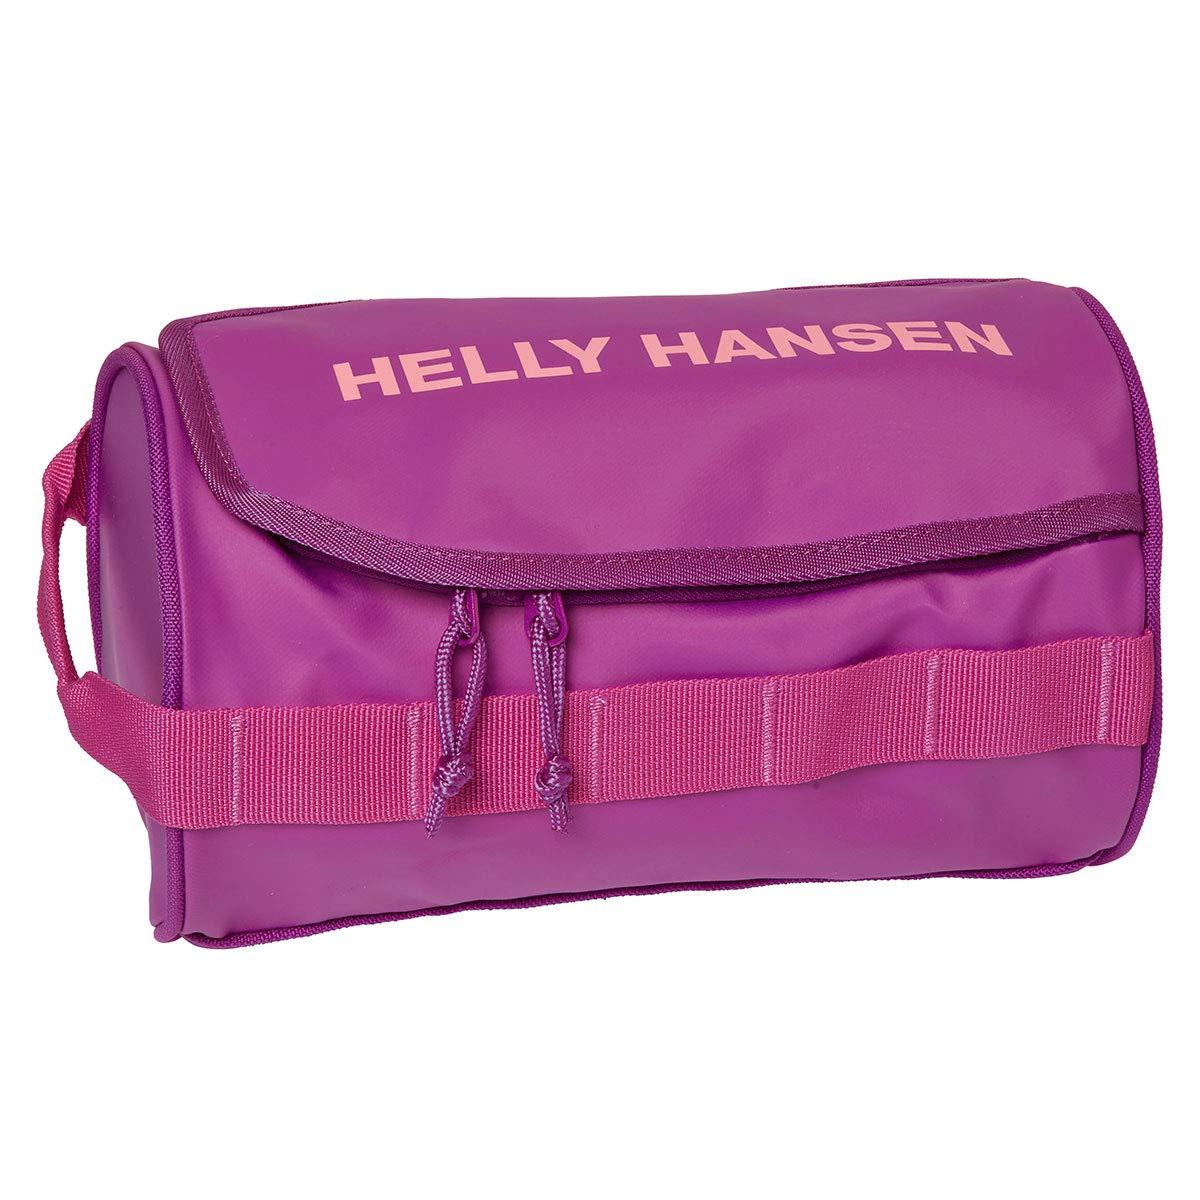 Helly Hansen HH Bolsa De Lavado 2 Viaje, Unisex Adulto ...